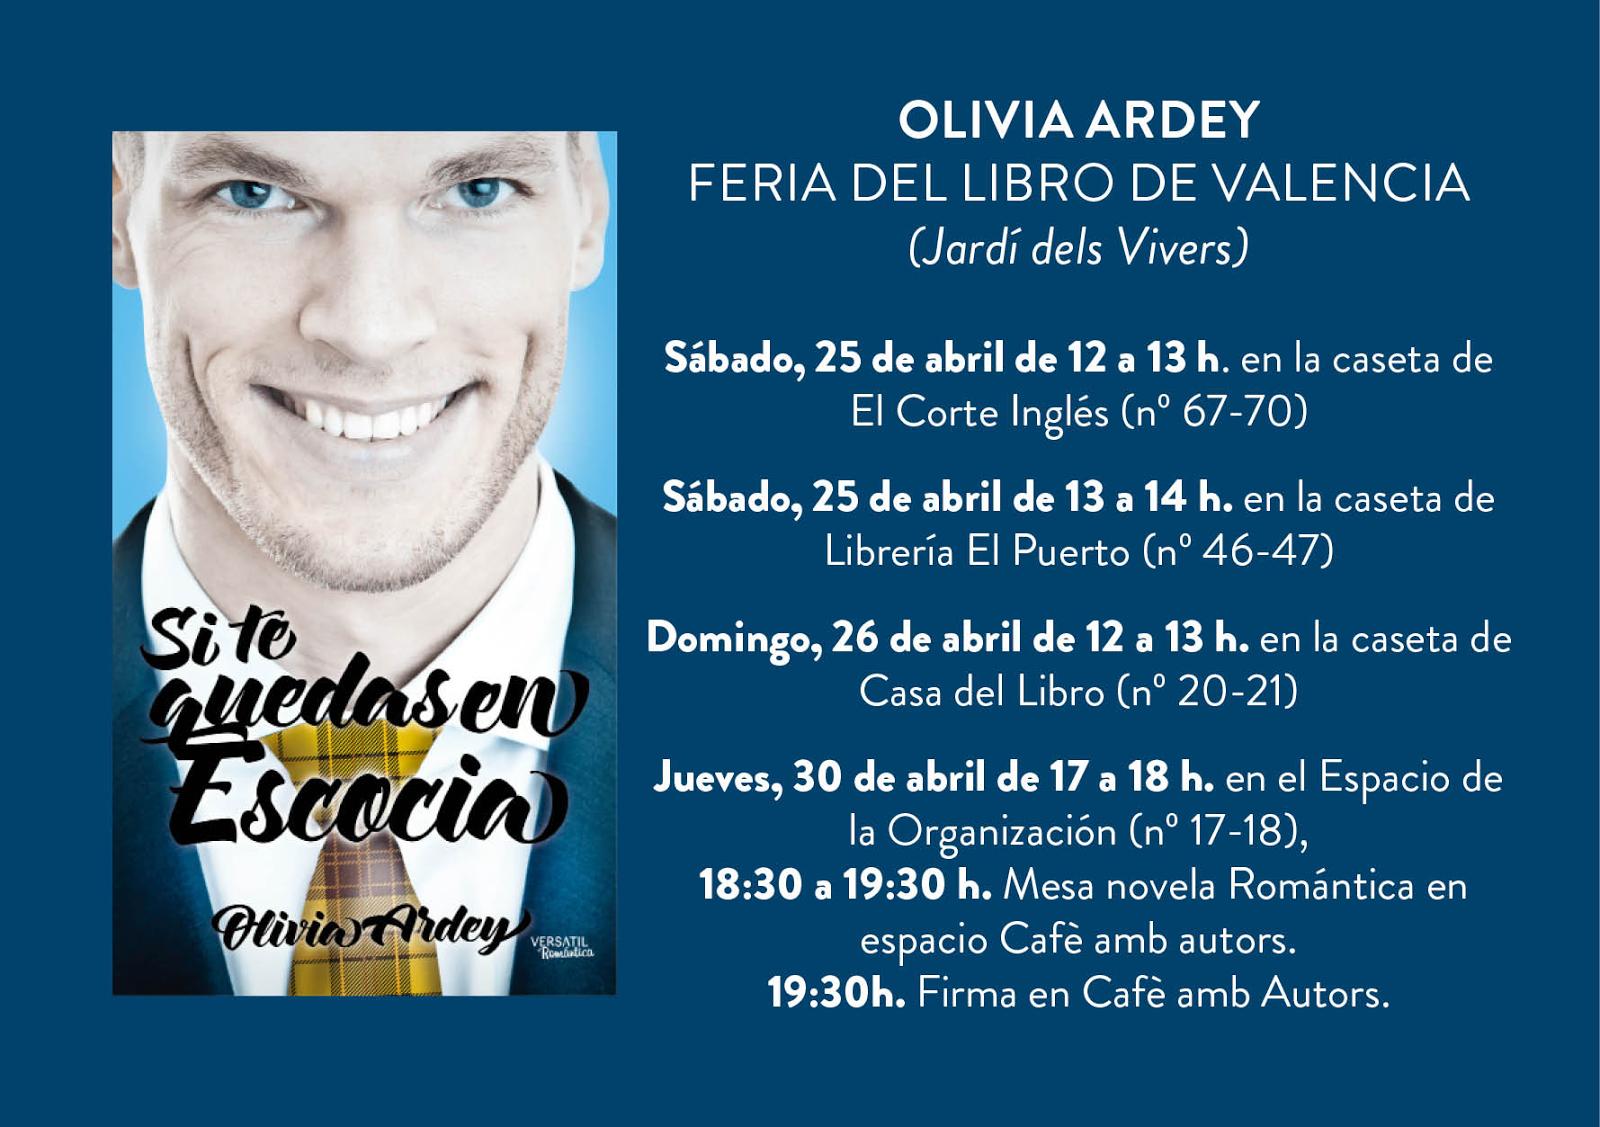 Olivia ardey horario firmas feria del libro valencia - Casa del libro valencia horario ...